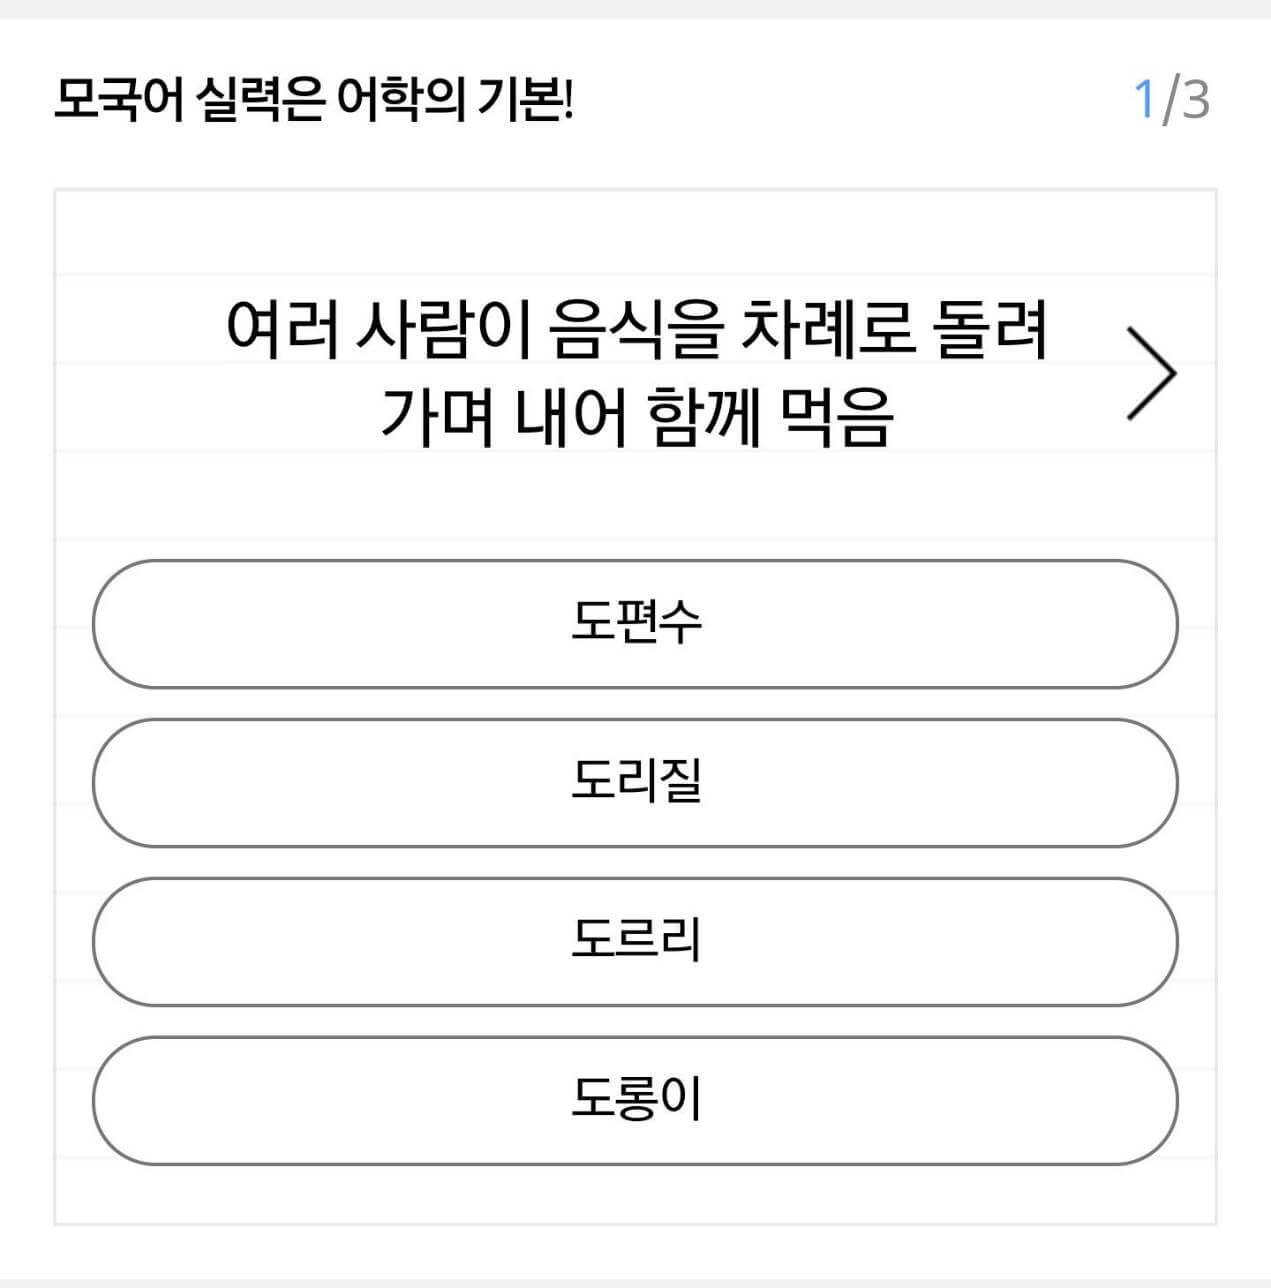 NAVER語学堂韓国語クイズ